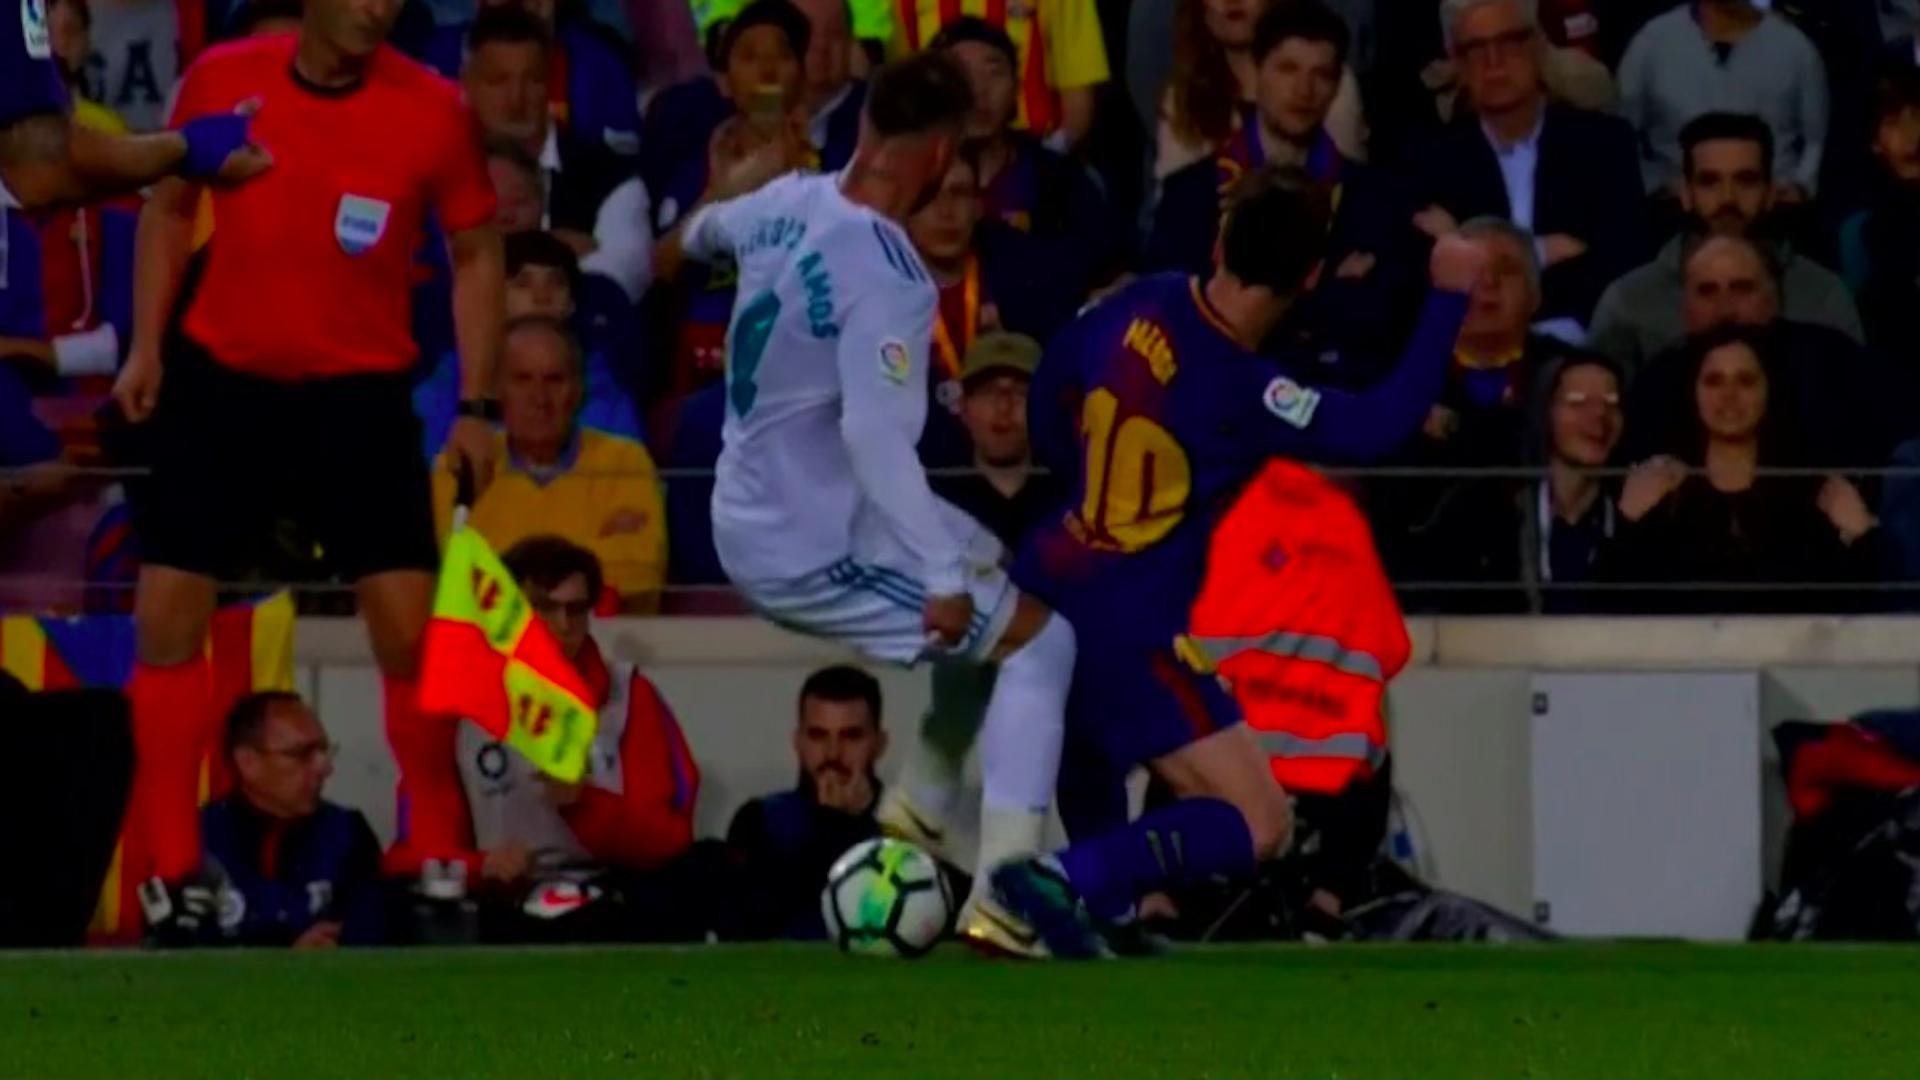 Barcelona vs. Real Madrid: árbitro no pitó claro penal contra Marcelo y generó enojo de Cristiano Ronaldo